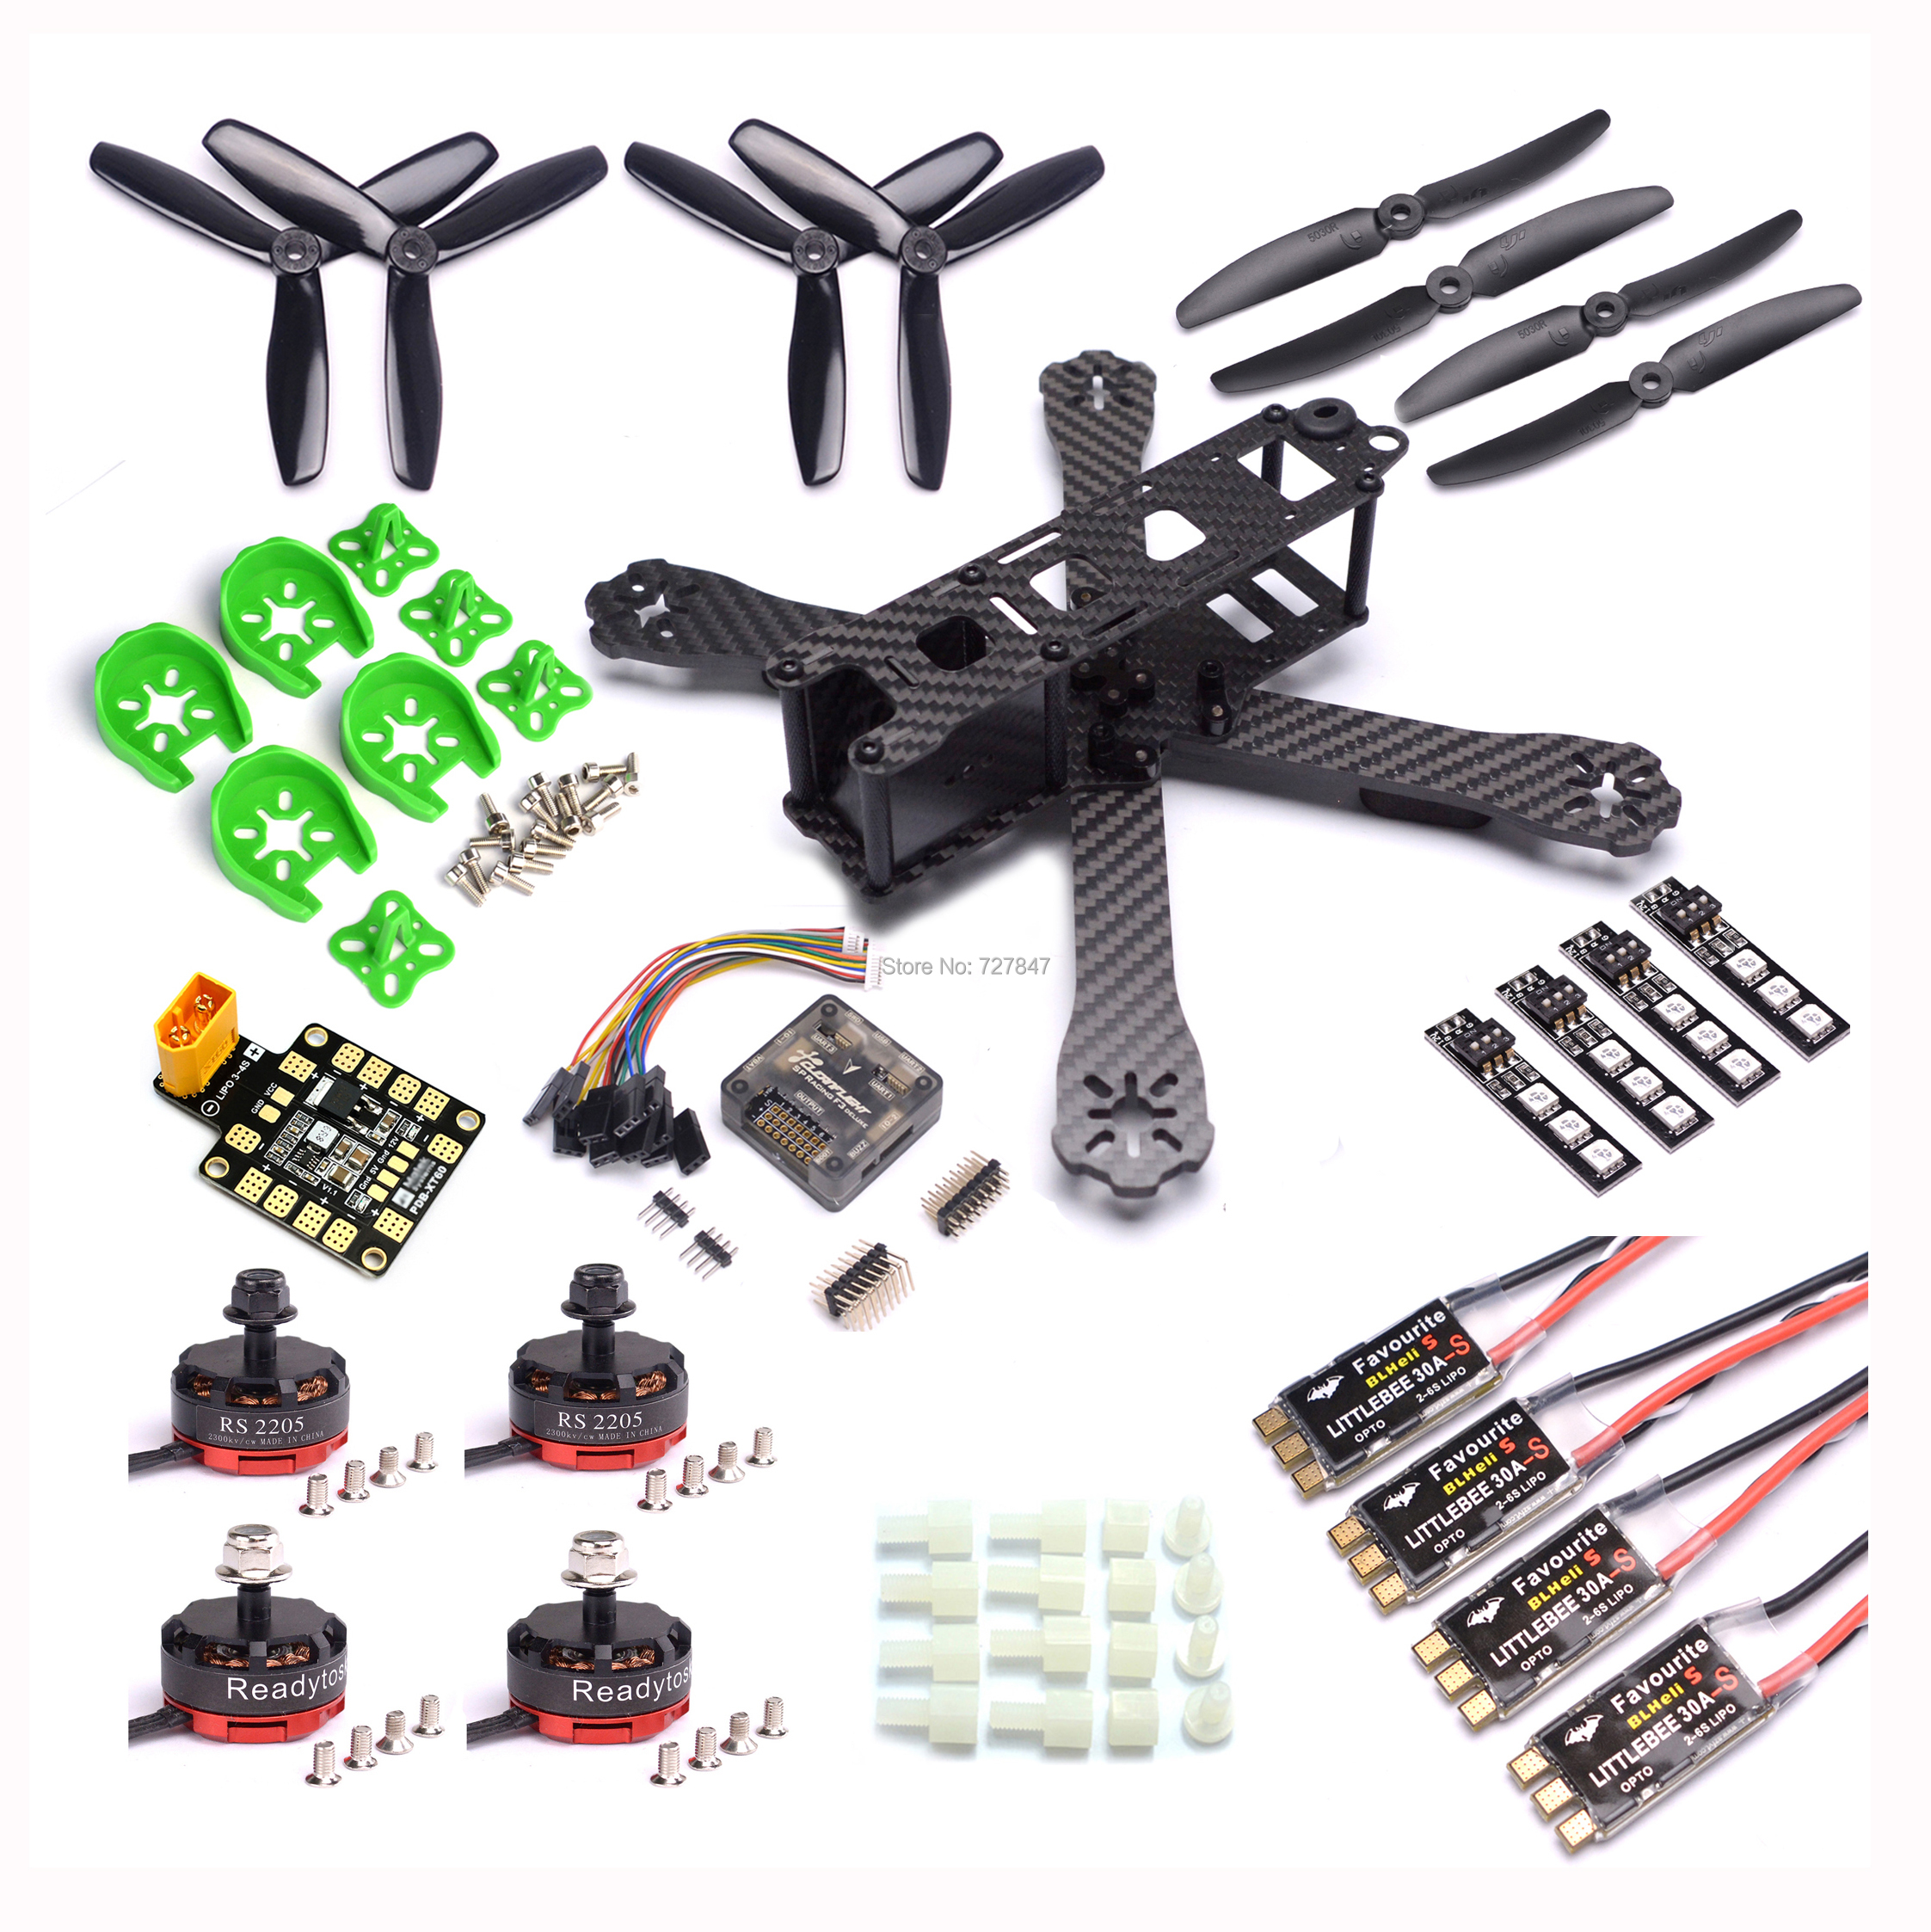 QAV-R 220mm fibre de carbone course Drone quadrirotor QAV-R 220 F3 contrôleur de vol RS2205 2300KV moteur LittleBee 30A-S ESC BLHeli